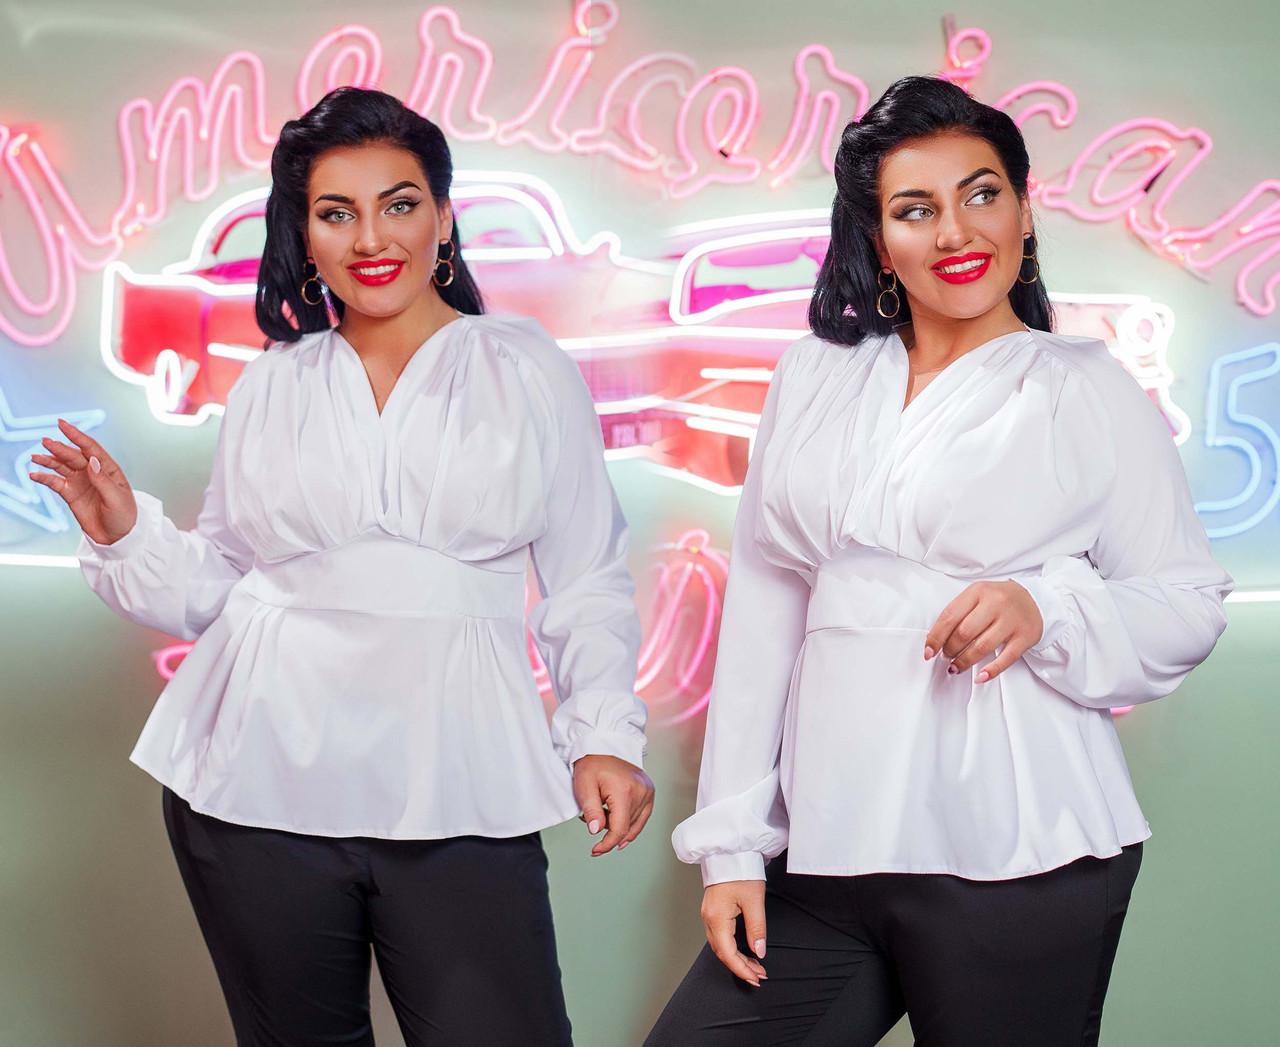 """Стильная нарядная женская блузка в больших размерах 0391 """"Софт Баска Драпировка Кокетка"""" в расцветках"""